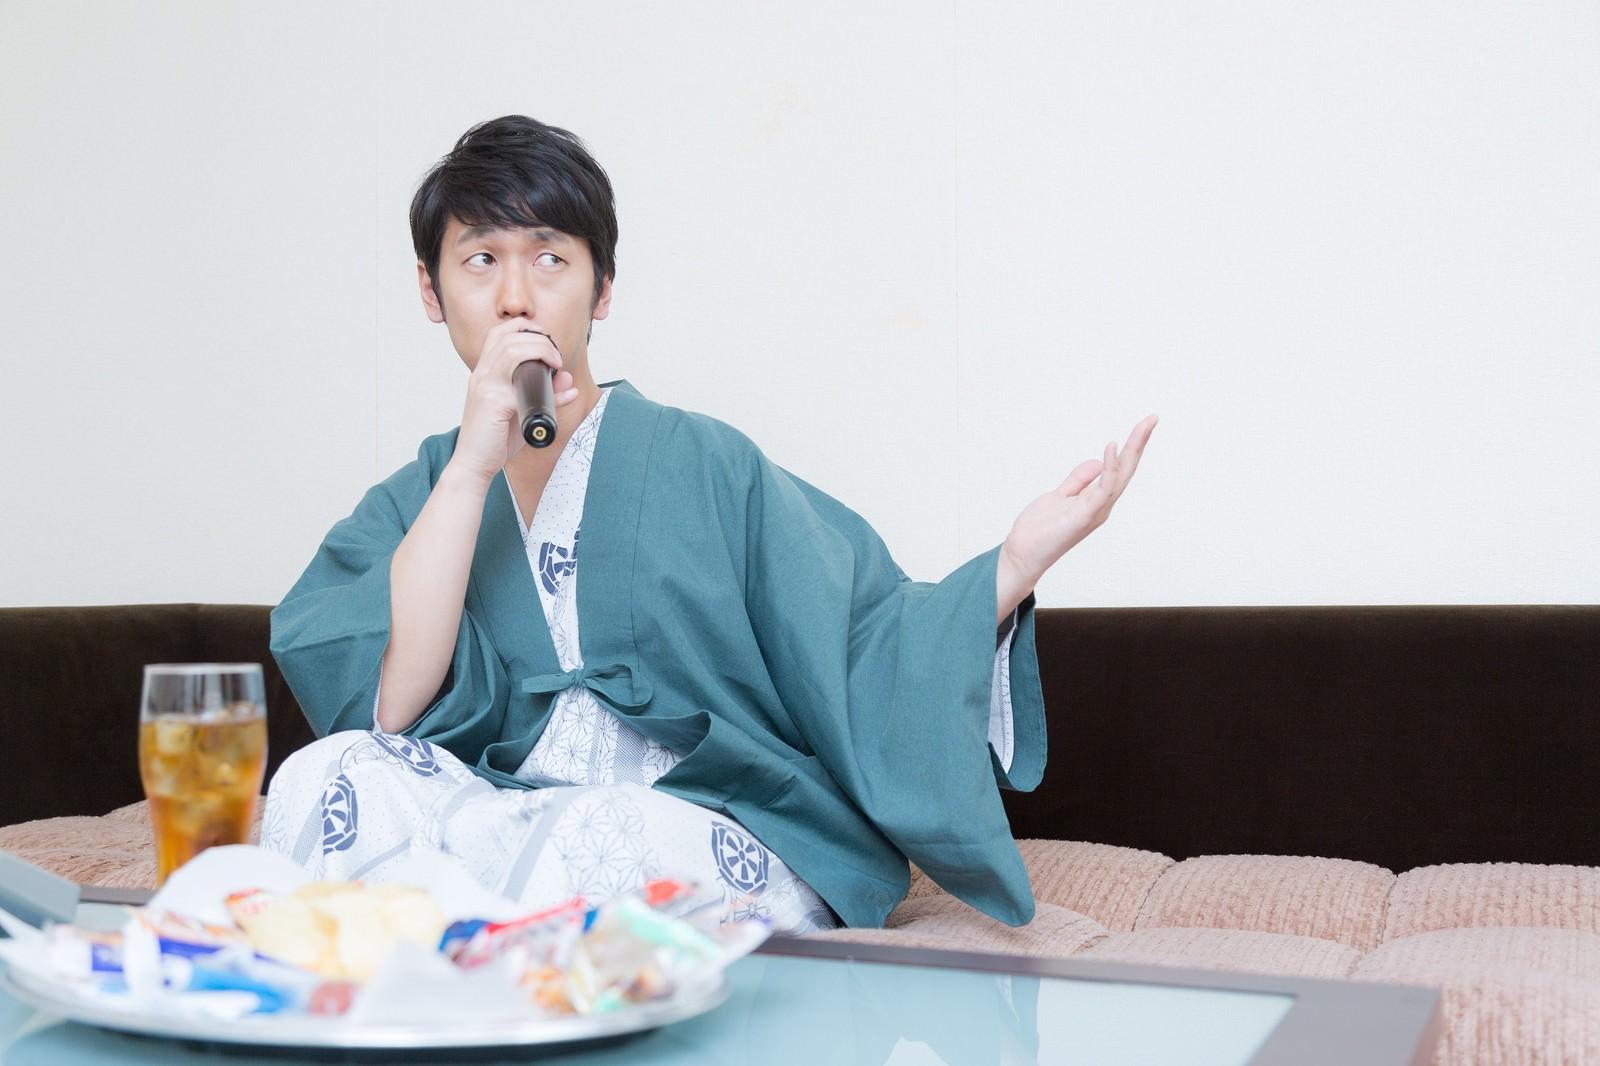 「温泉街で行う営業のリハーサルをする若手演歌歌手」の写真[モデル:大川竜弥]